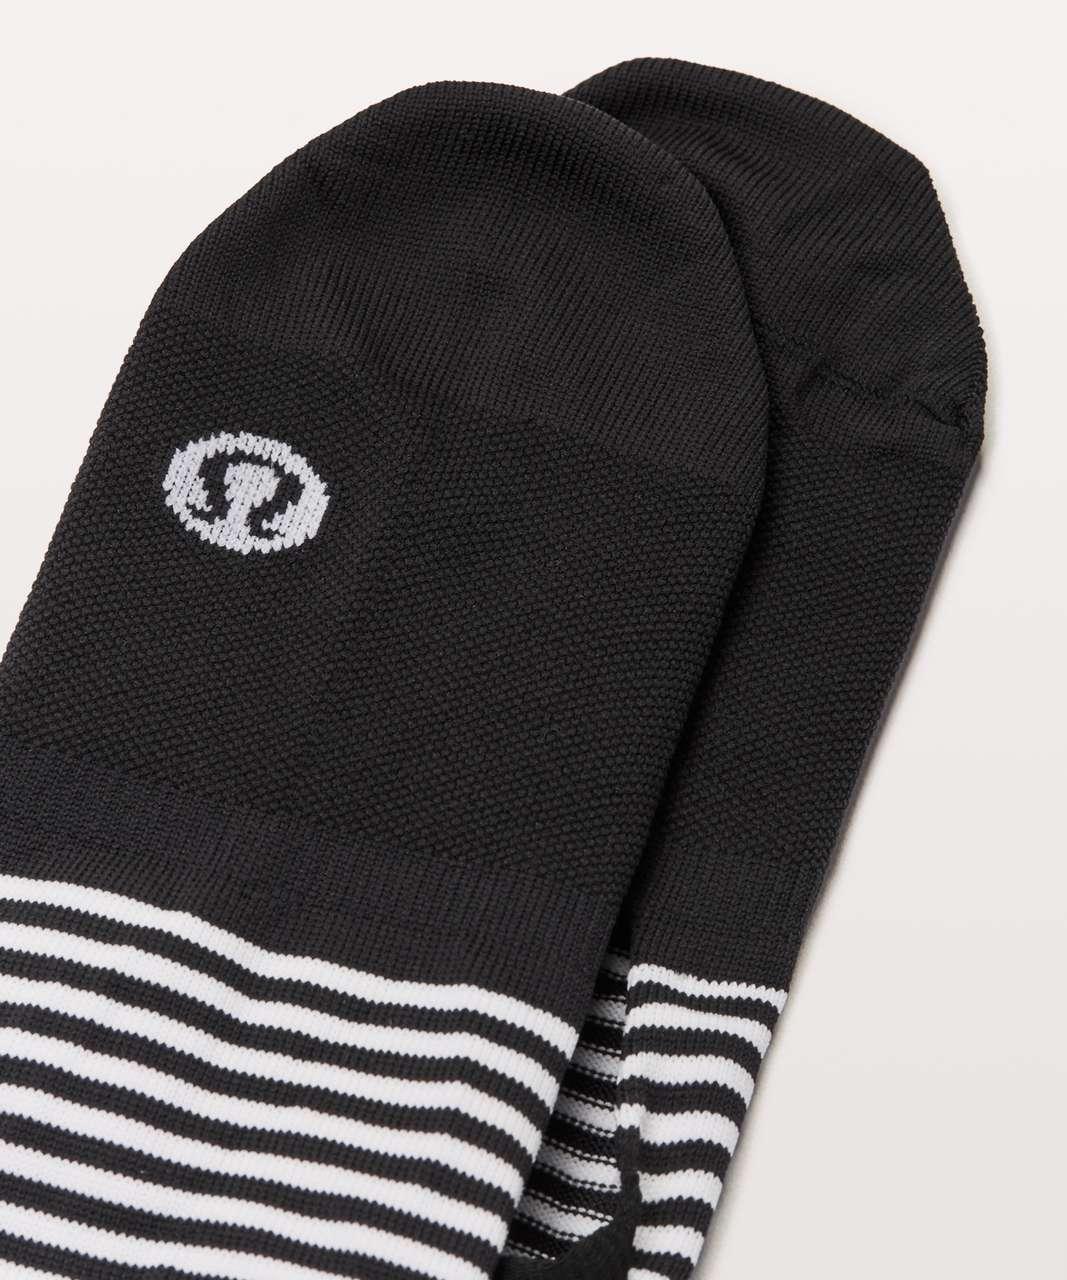 Lululemon Secret Sock - Black / White